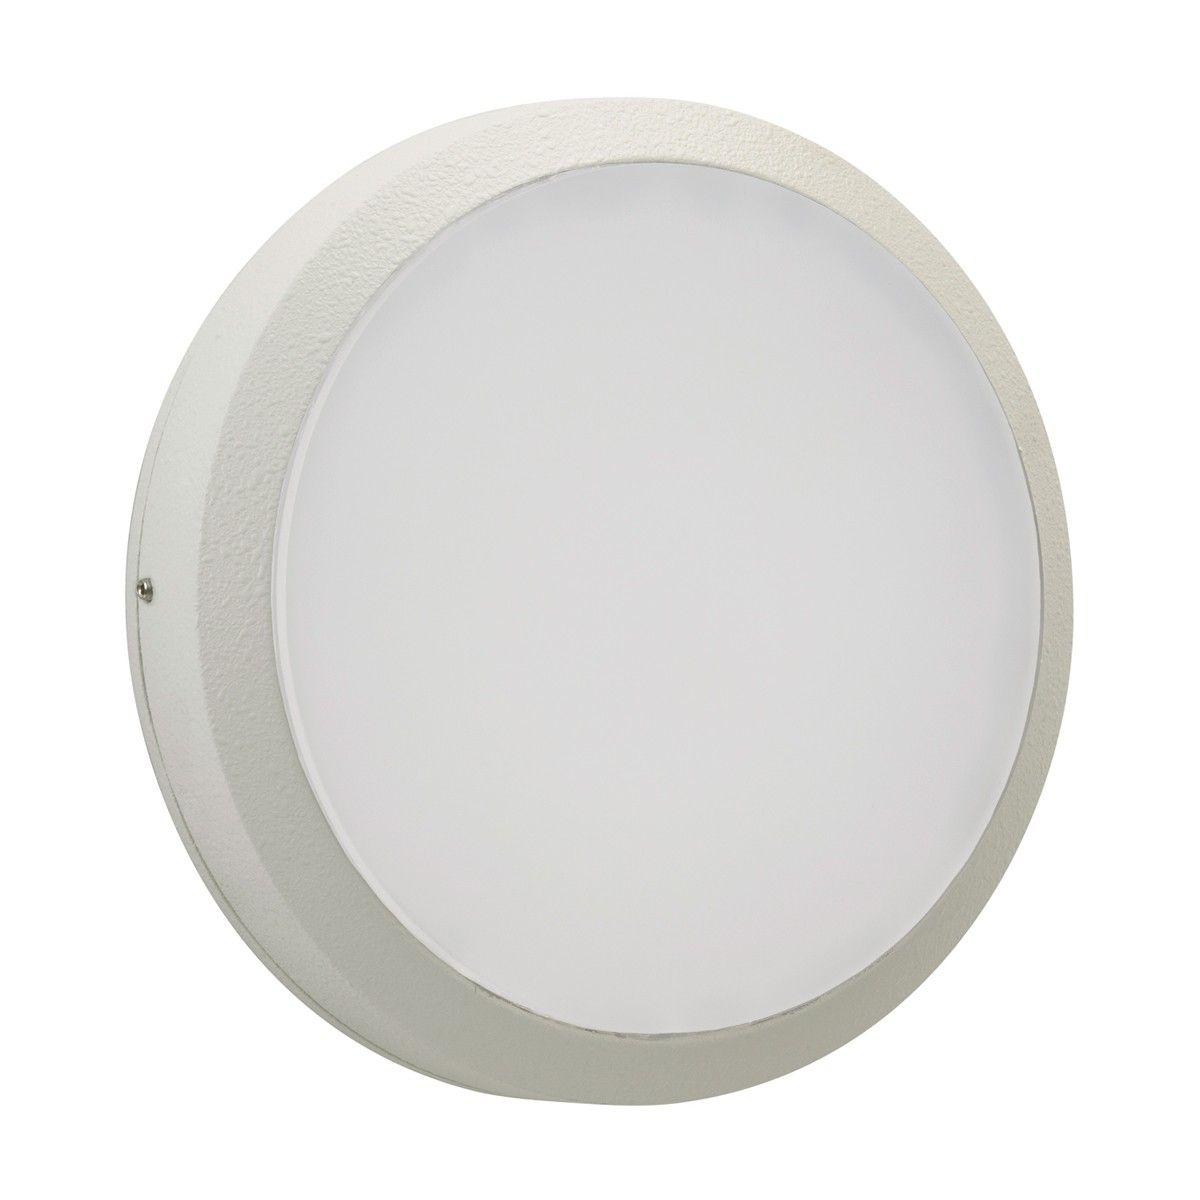 Einbau Deckenstrahler Led 230v Zoxx Deckenleuchte Modern Chrom Rund Badezimmer Lampe Led Holz Lampens In 2020 Led Deckenleuchte Flach Led Deckenleuchte Led Lampe